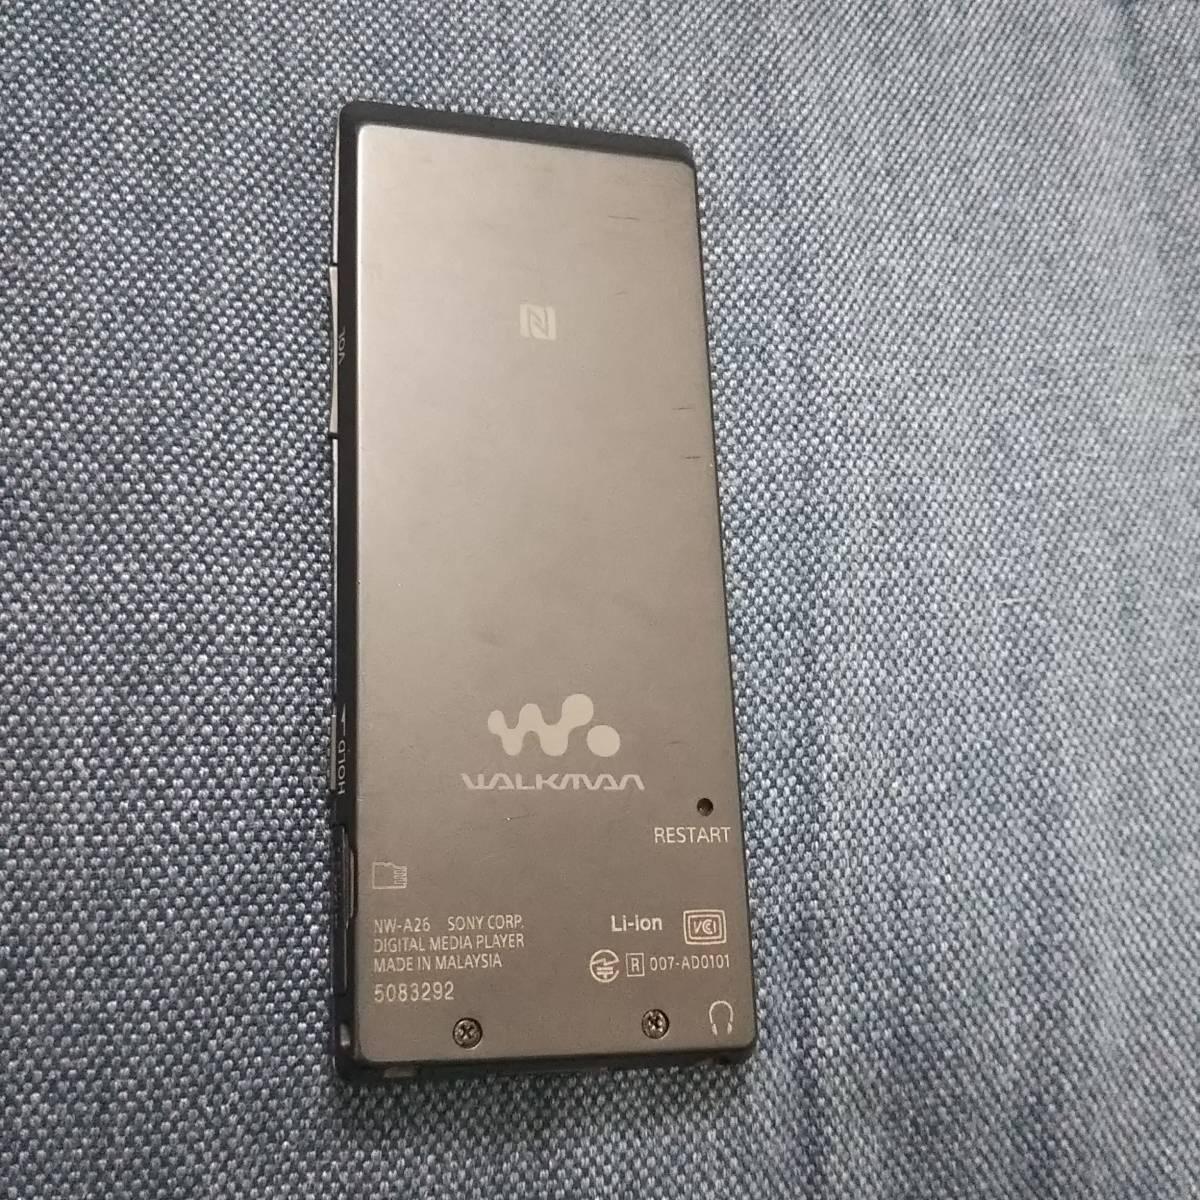 ウォークマン NW-A26 32GB SONY WALKMAN HN ブラック 難あり ジャンク扱い 返品不可_画像2